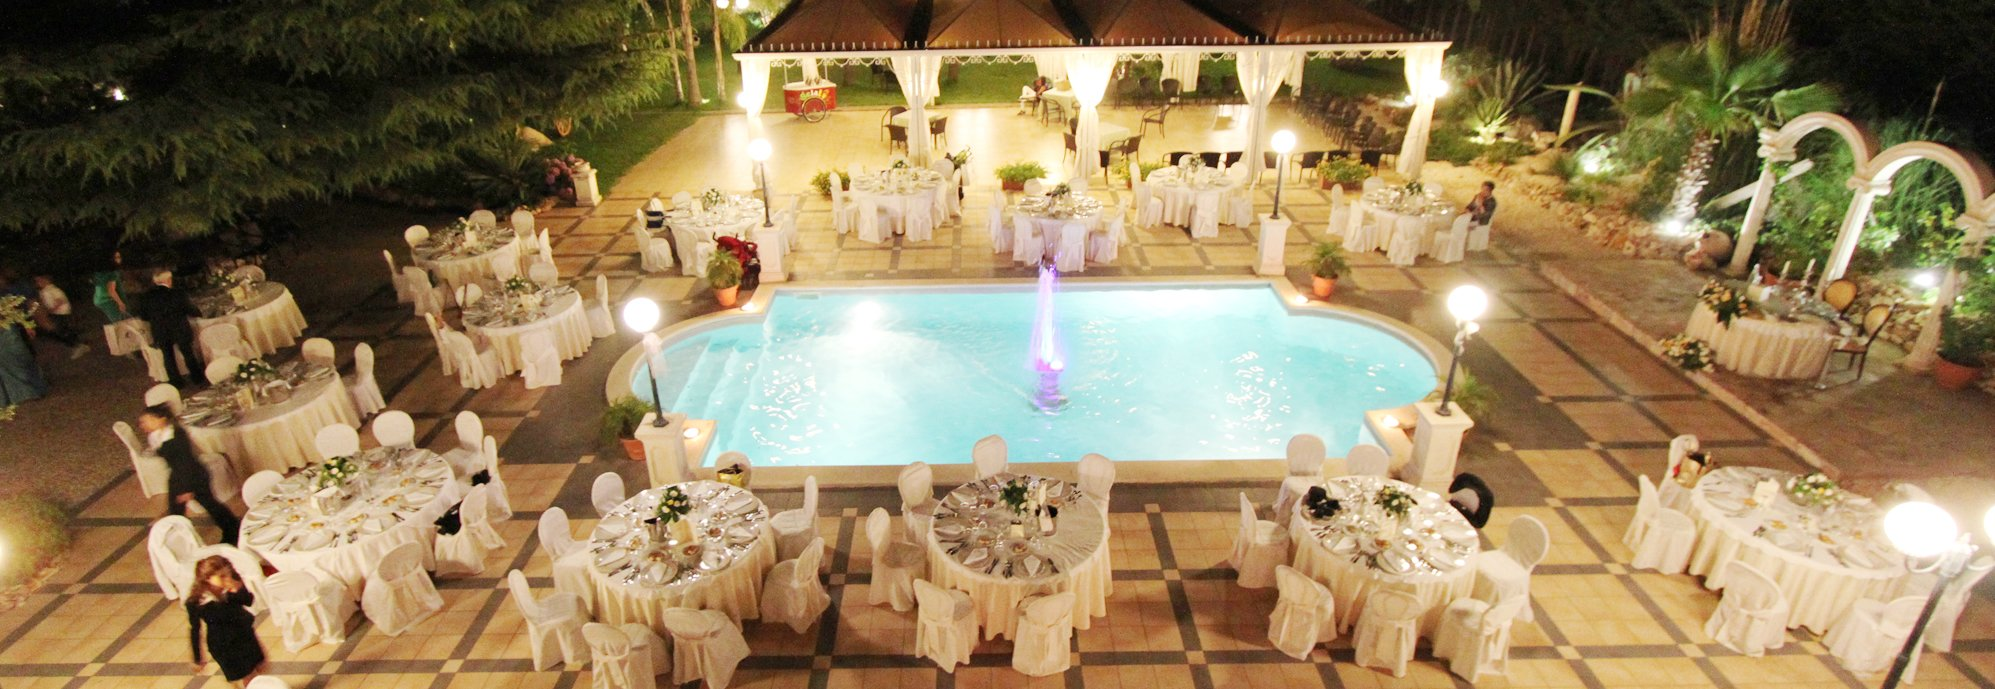 Villa Athena Viagrande Recensioni